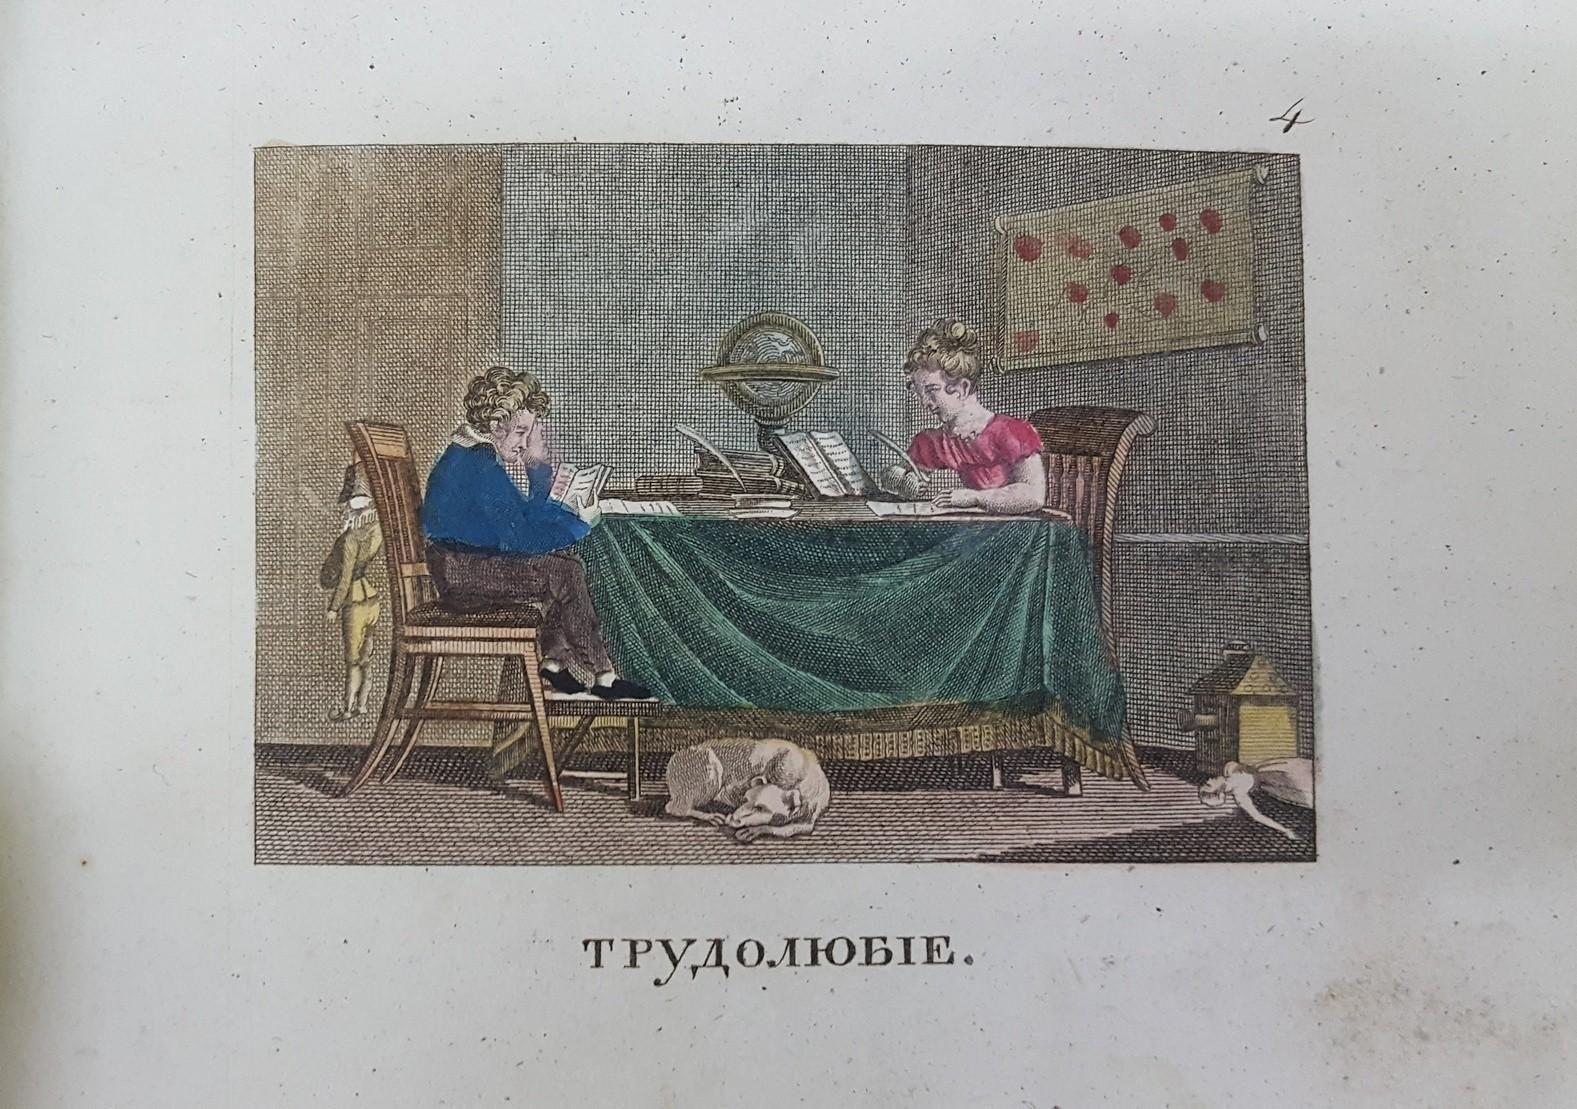 Лекция о редких детских книгах «Утешение для глаз» в Исторической библиотеке России  – события на сайте «Московские Сезоны»